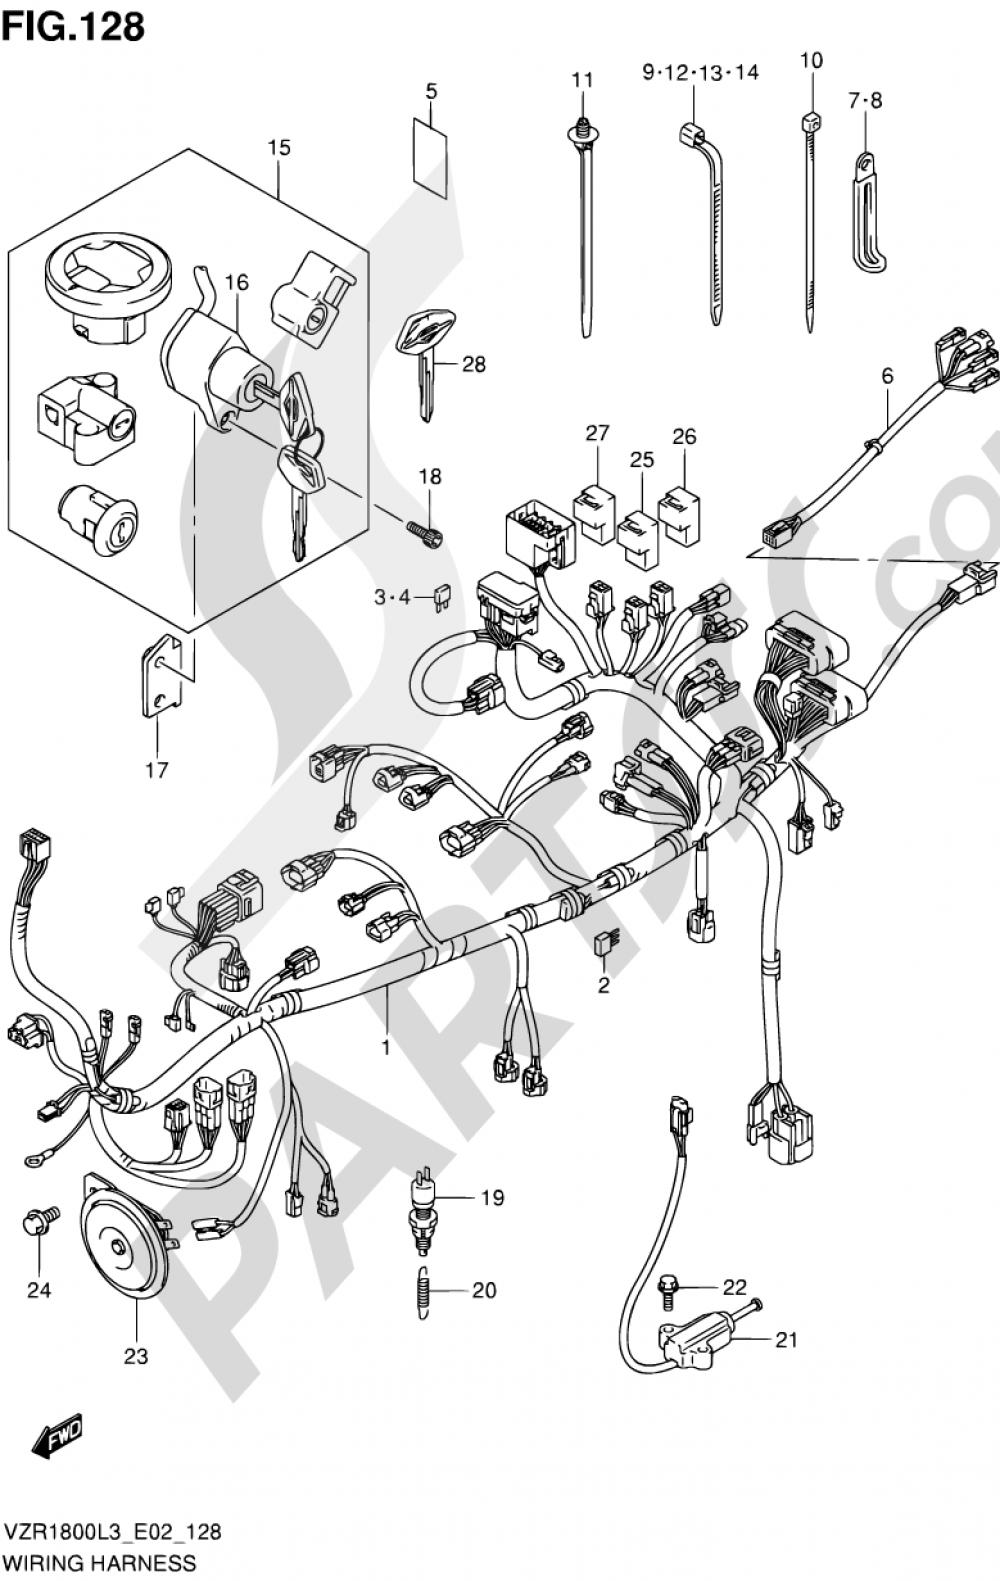 128 - WIRING HARNESS (VZR1800L3 E24) Suzuki VZR1800 2013